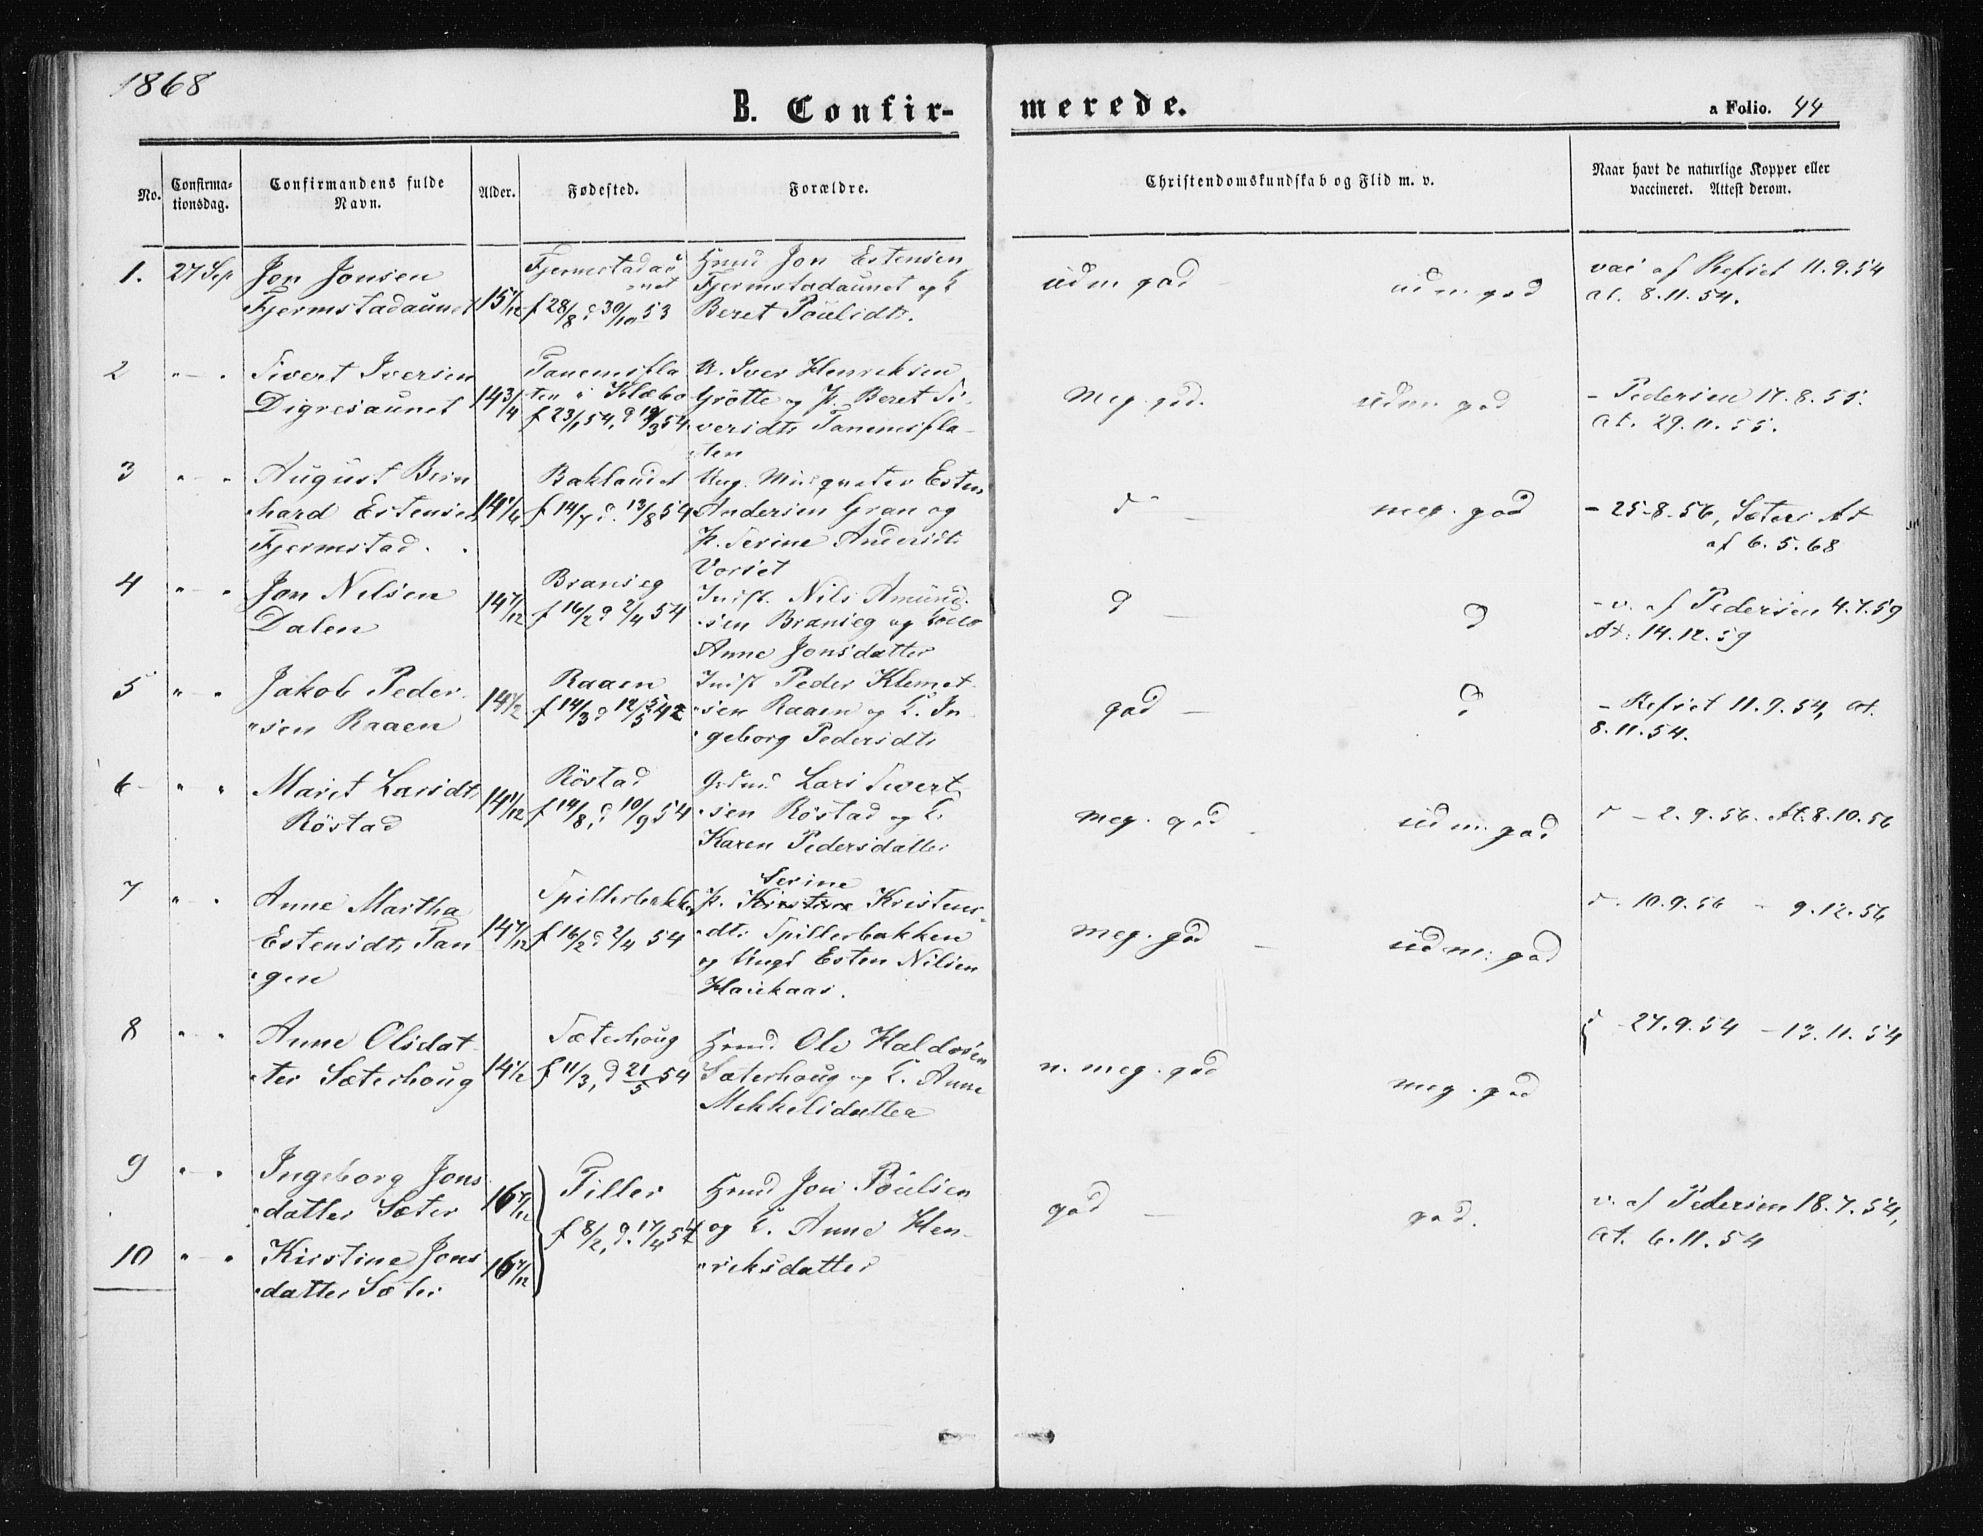 SAT, Ministerialprotokoller, klokkerbøker og fødselsregistre - Sør-Trøndelag, 608/L0333: Ministerialbok nr. 608A02, 1862-1876, s. 44